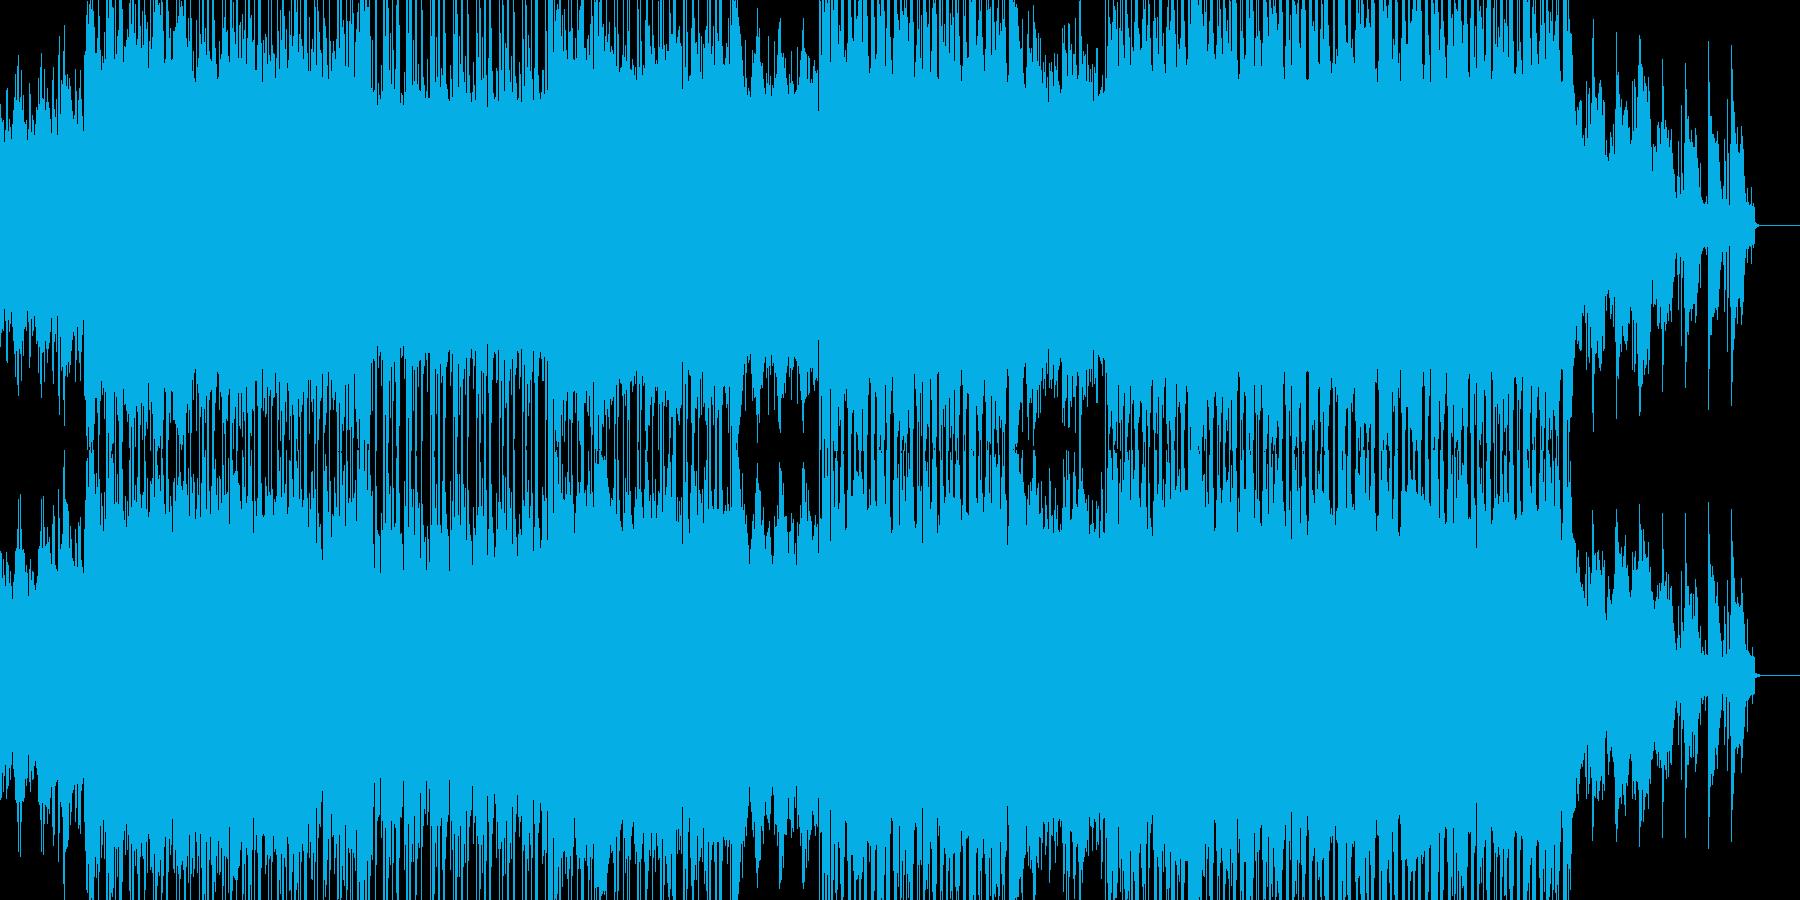 【映像系】ロックから透き通るコーラスへの再生済みの波形